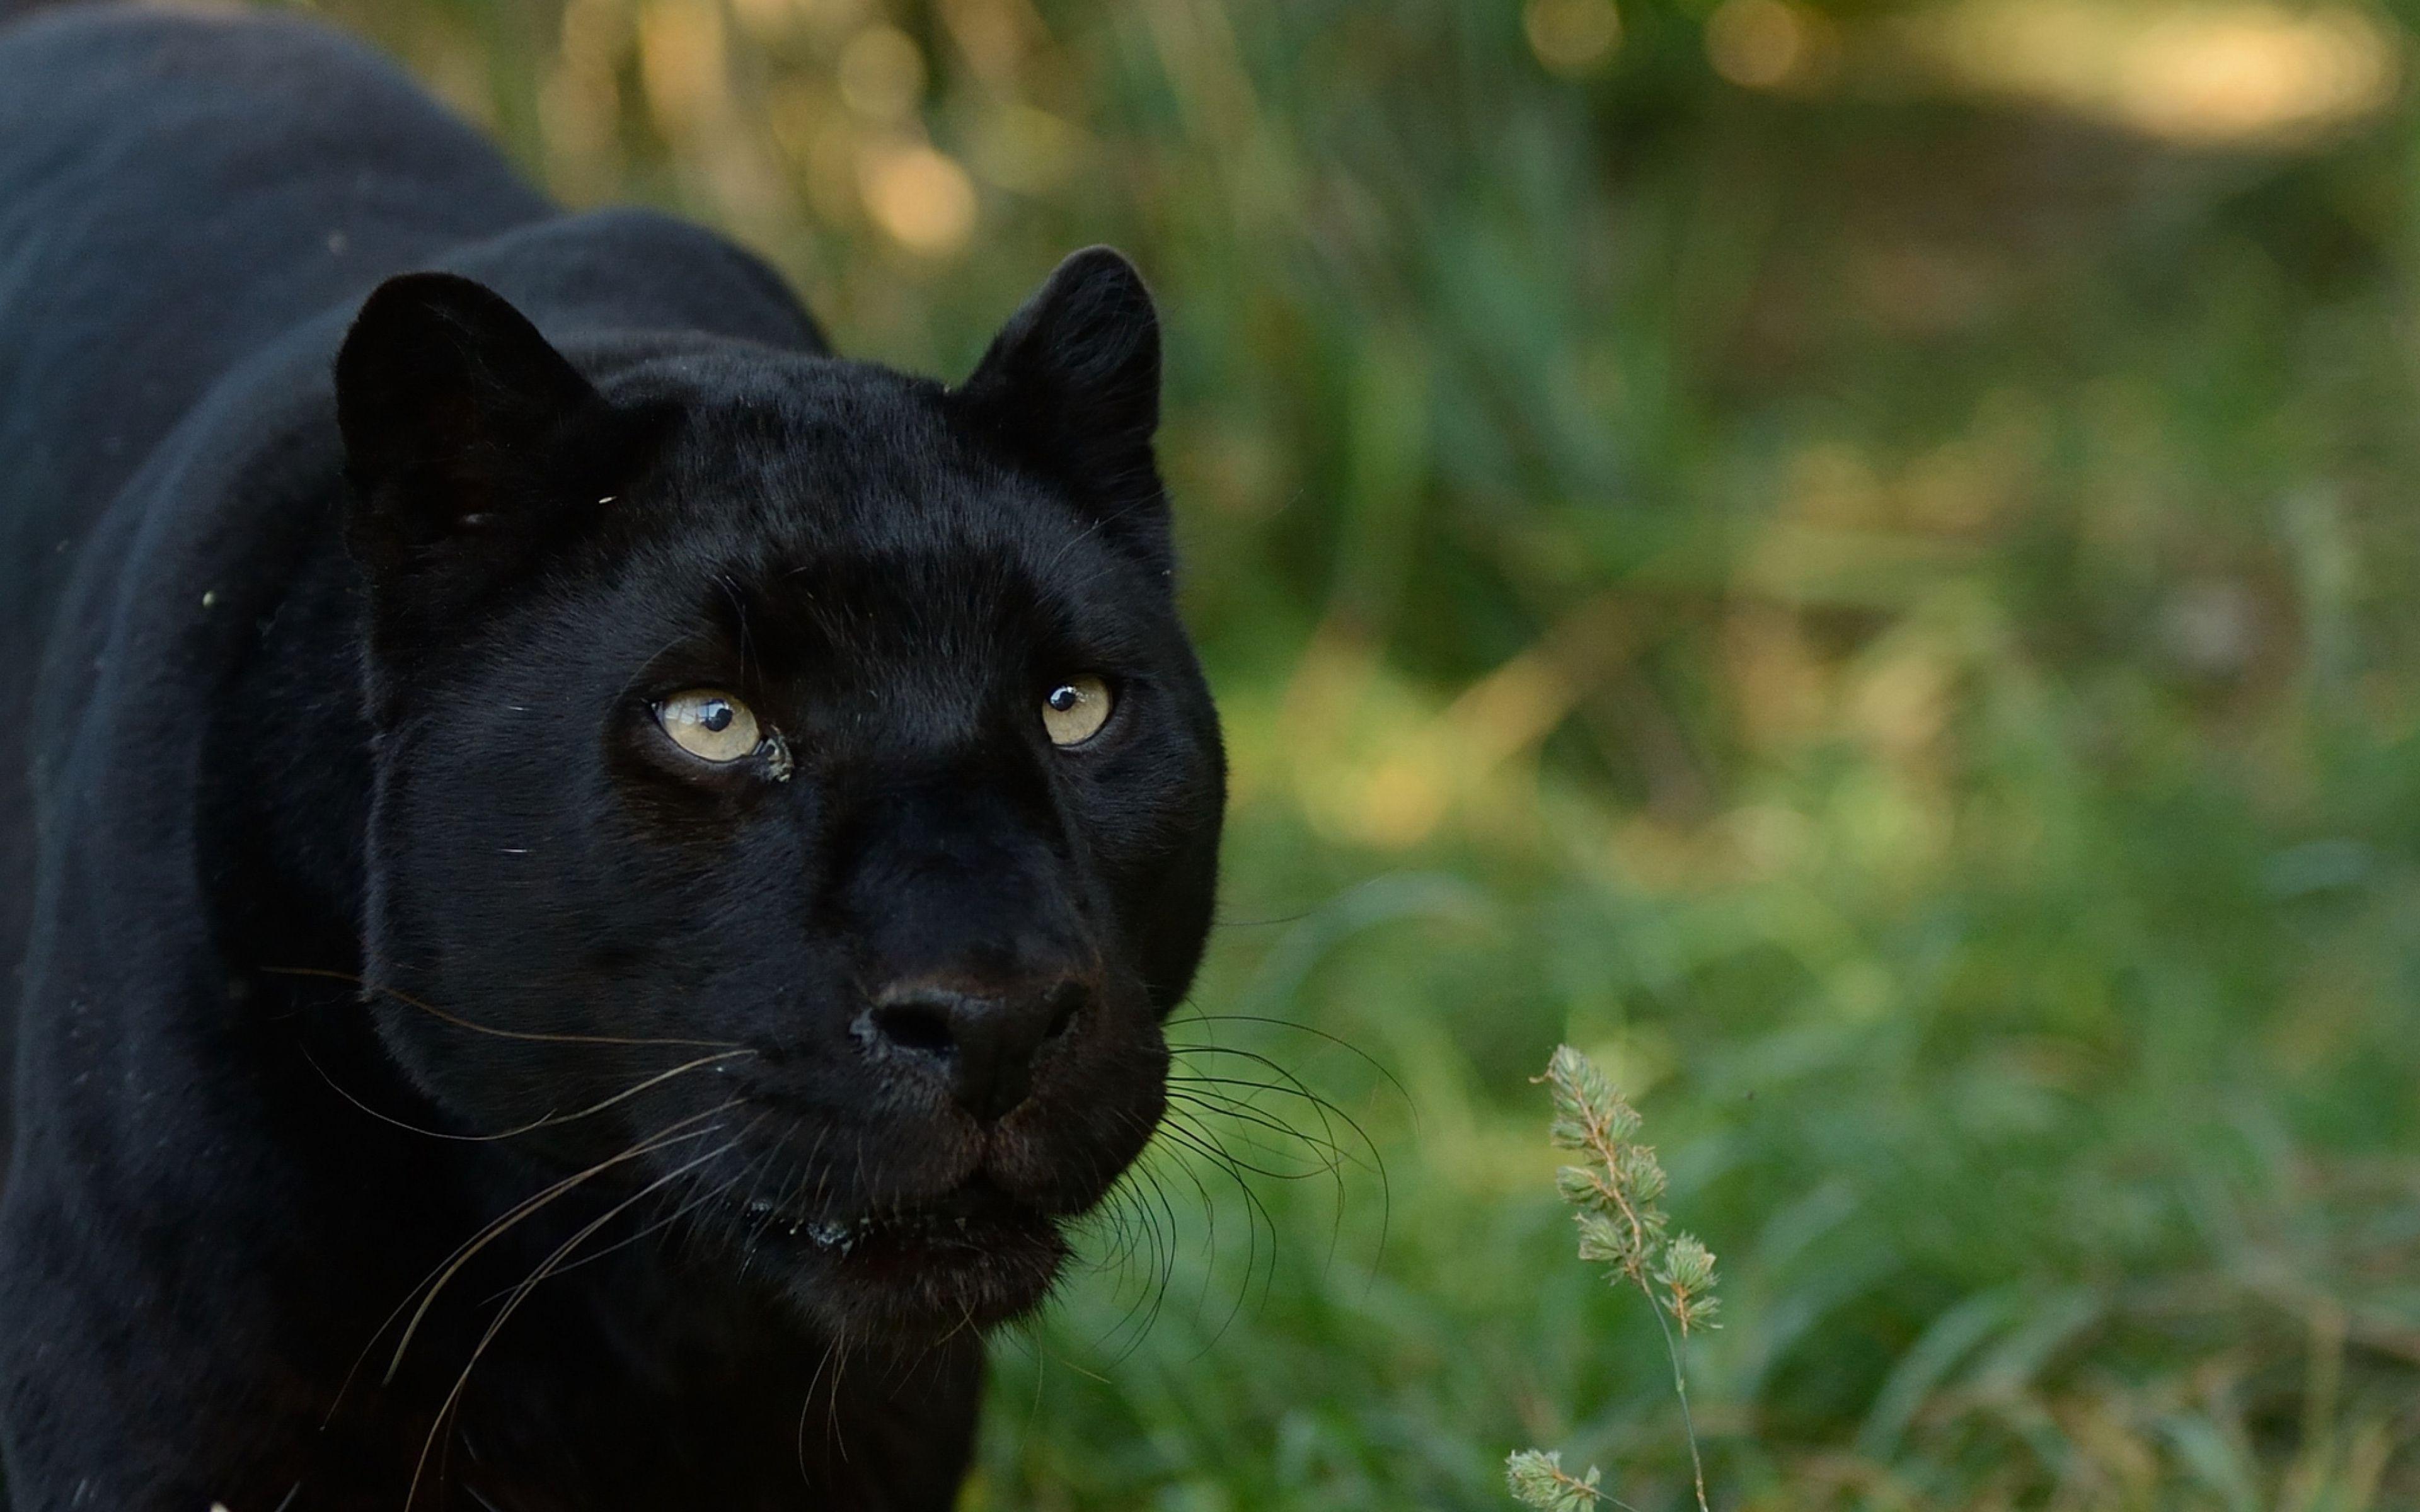 Wallpaper Black Panther 4k | Gasebo Wallpaper